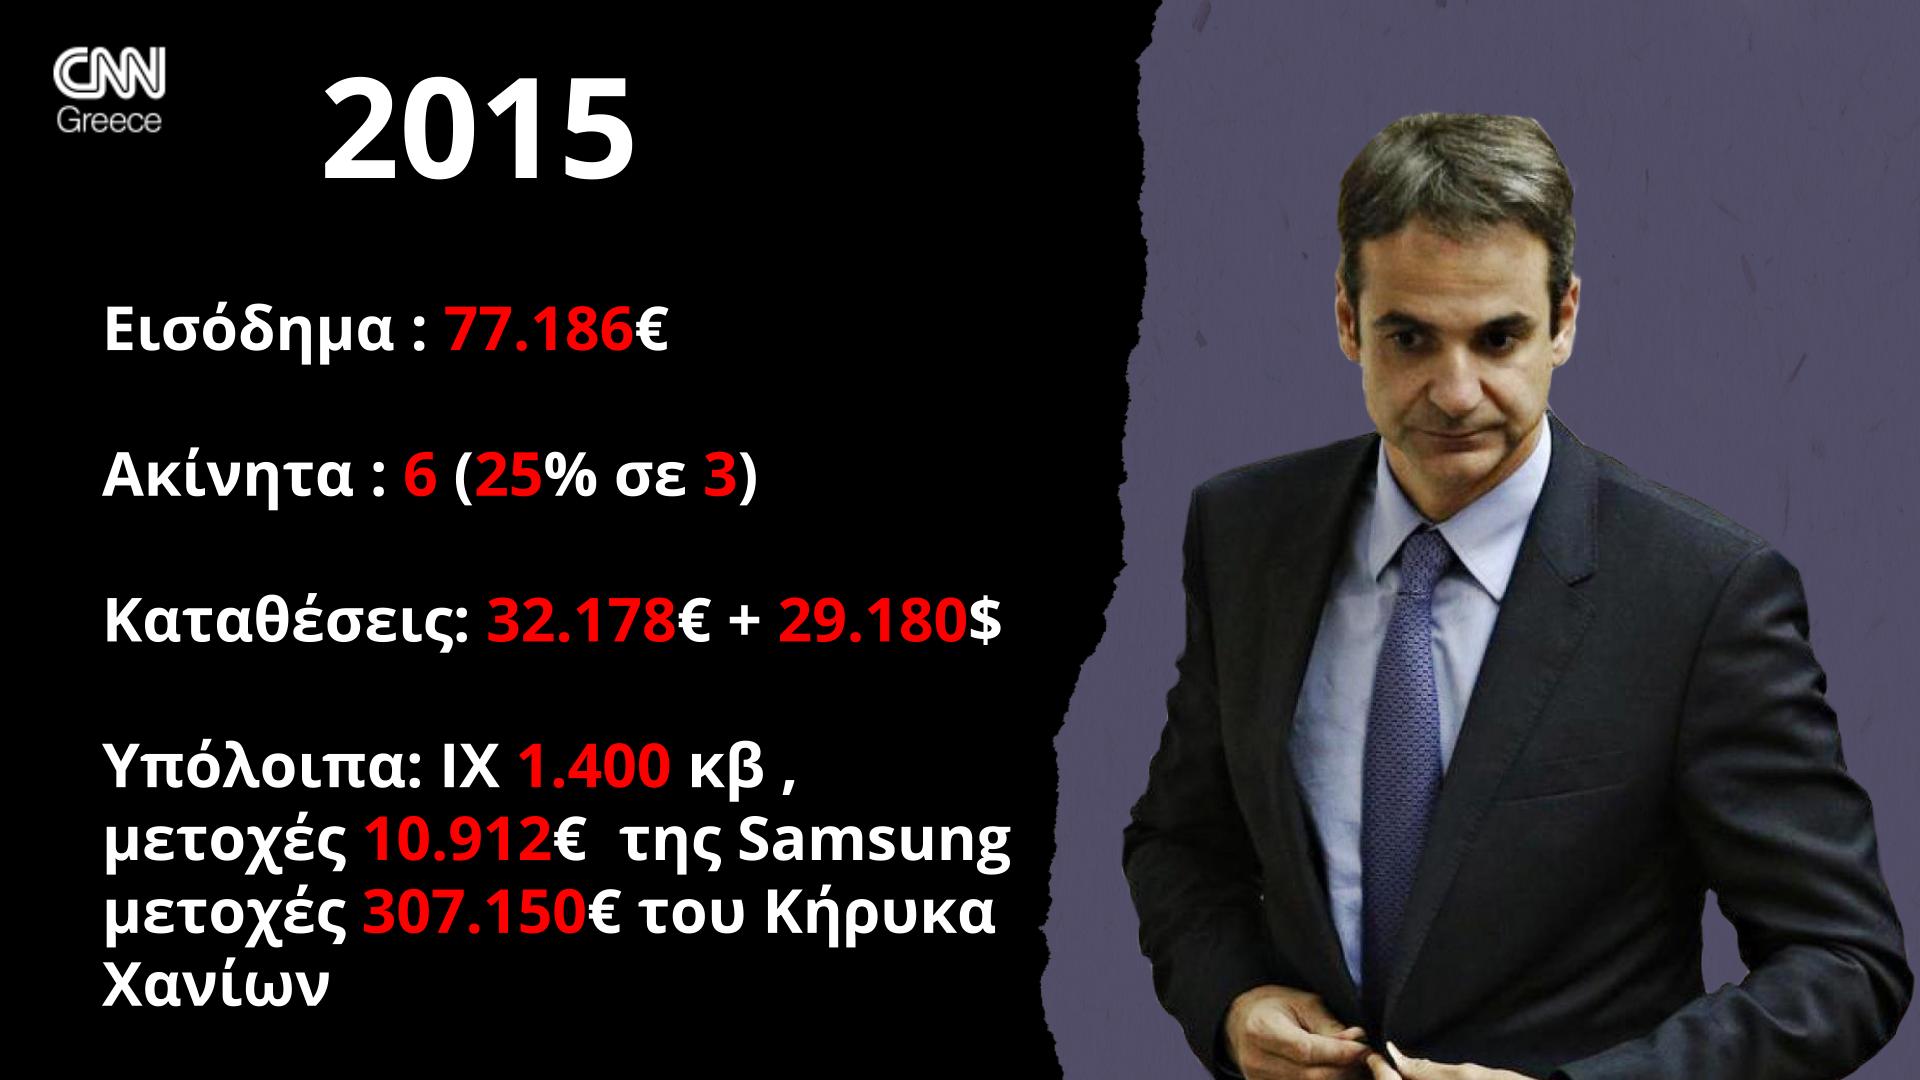 mitsotakis2015